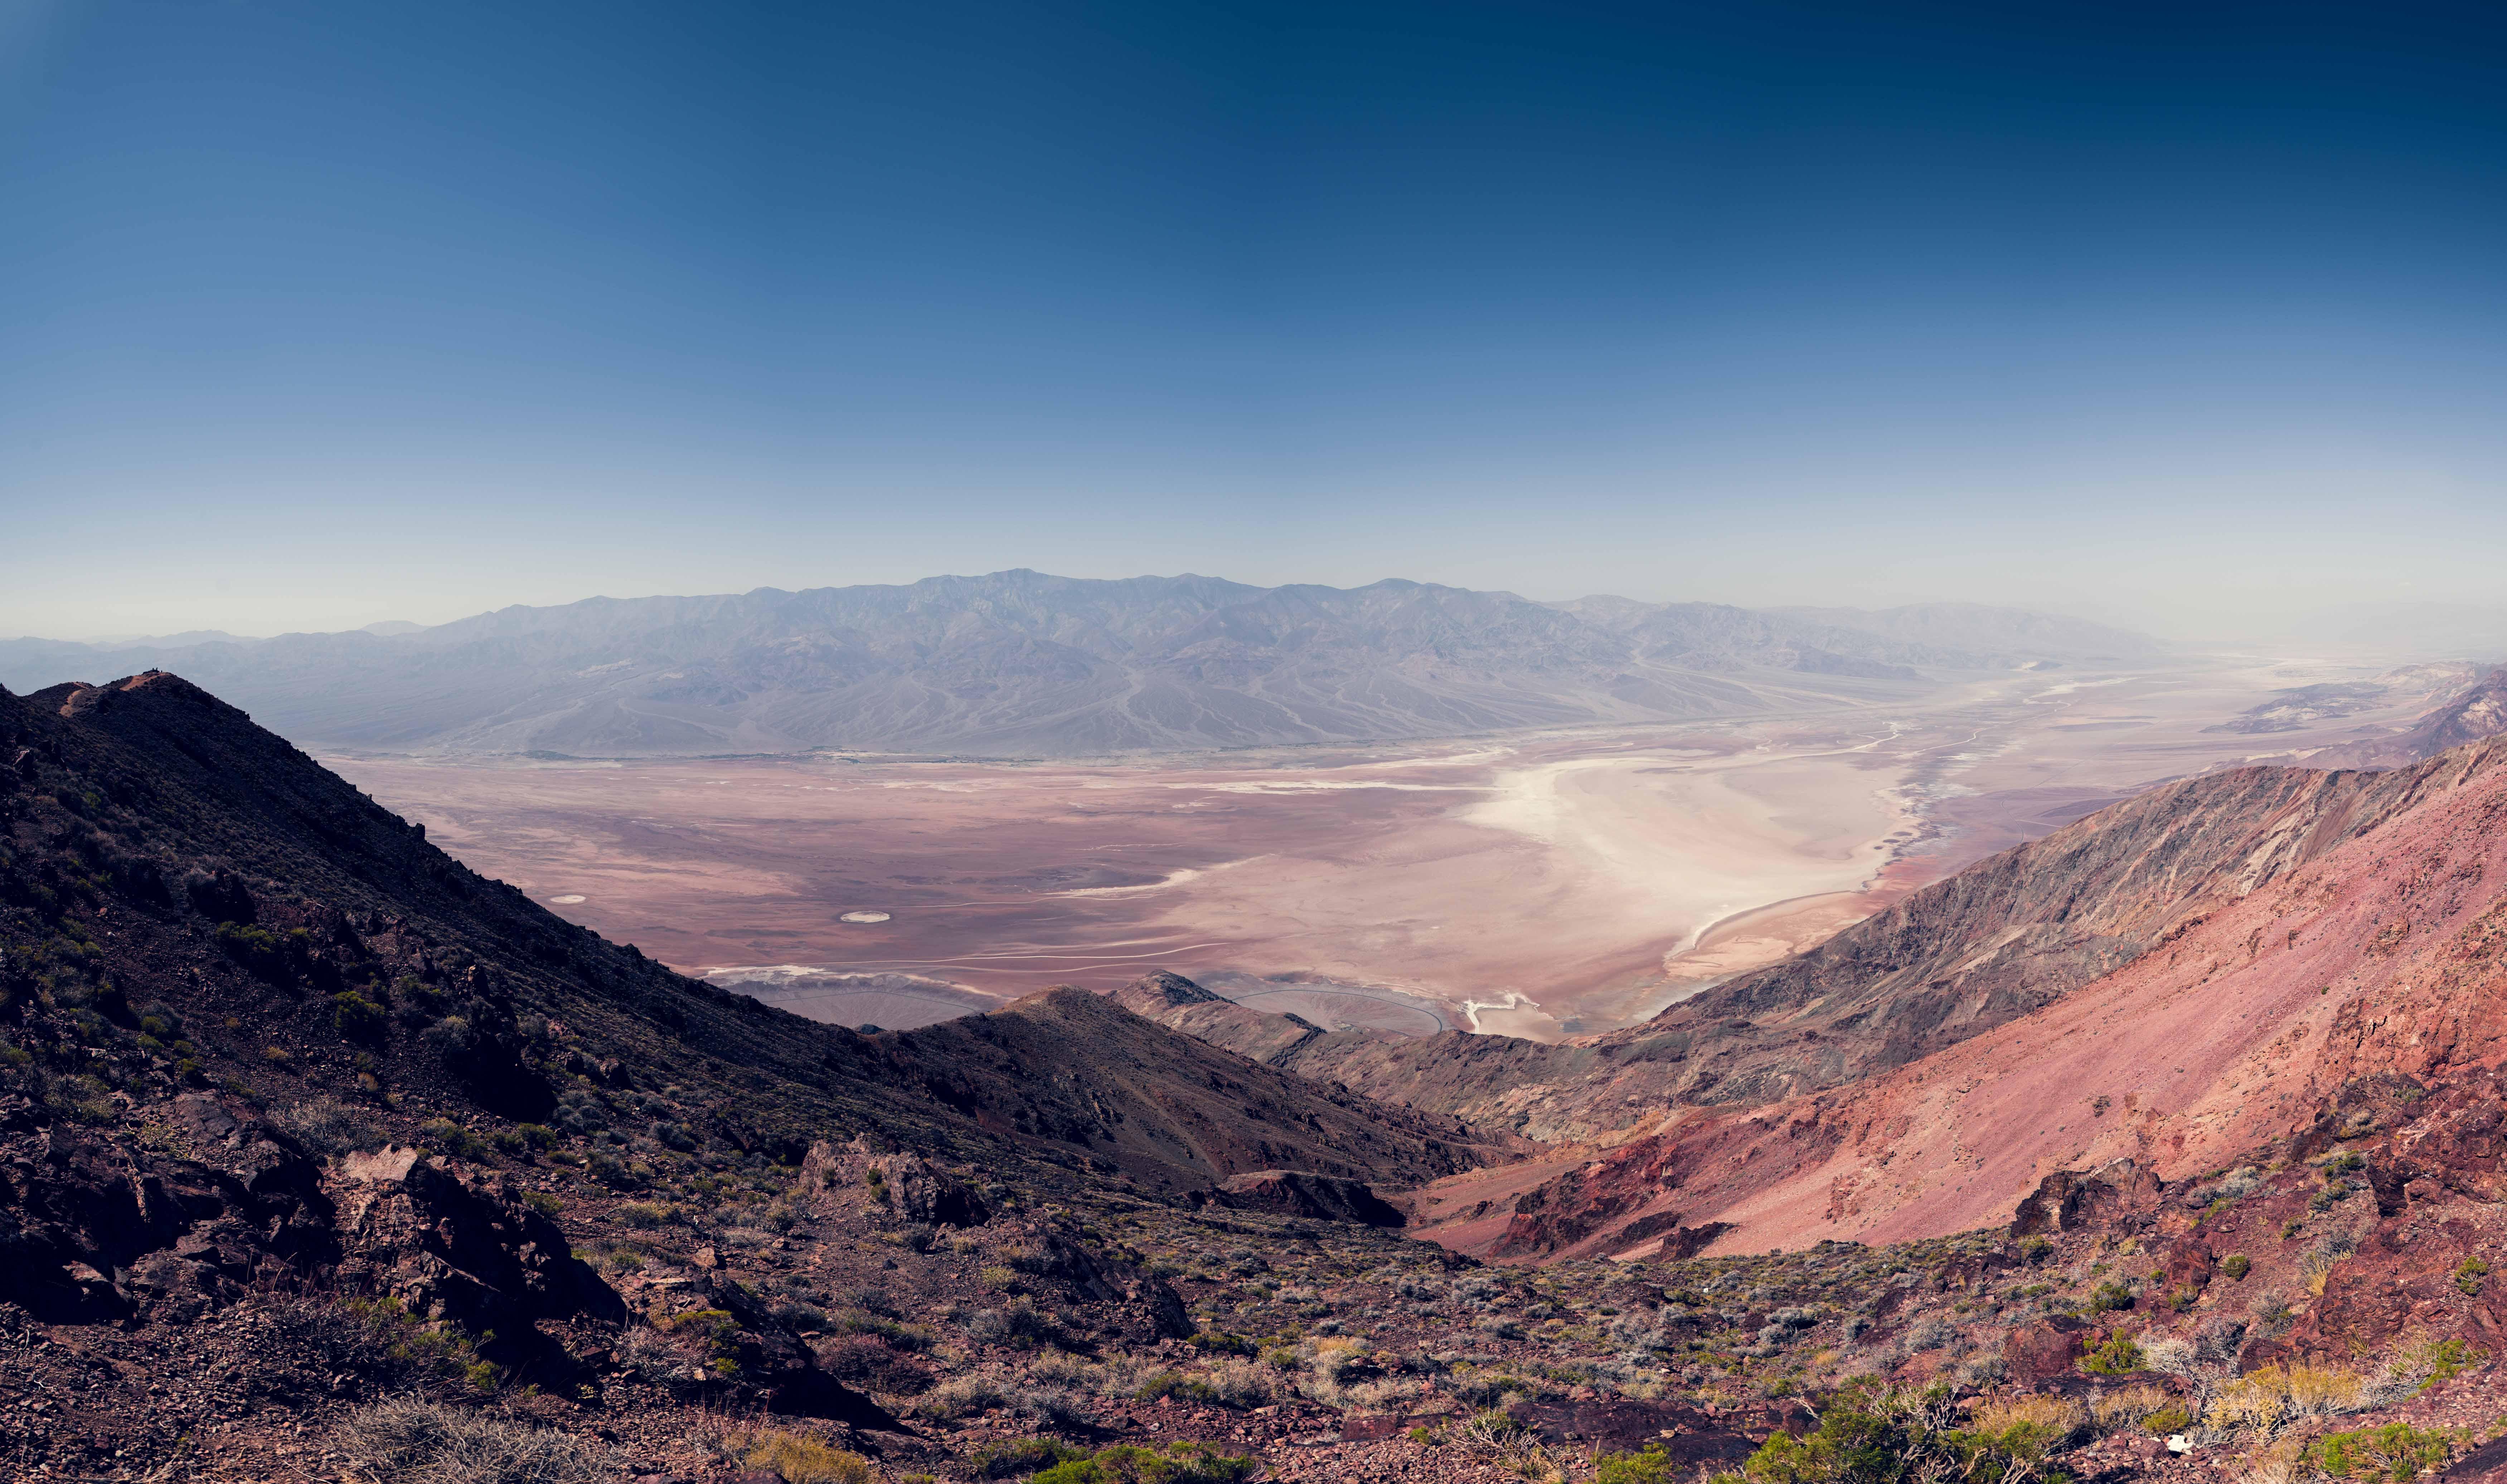 Death valley vallée de la mort Las Vegas Los Angeles San Francisco blog carnet de voyage voiture américaine désert montagnes